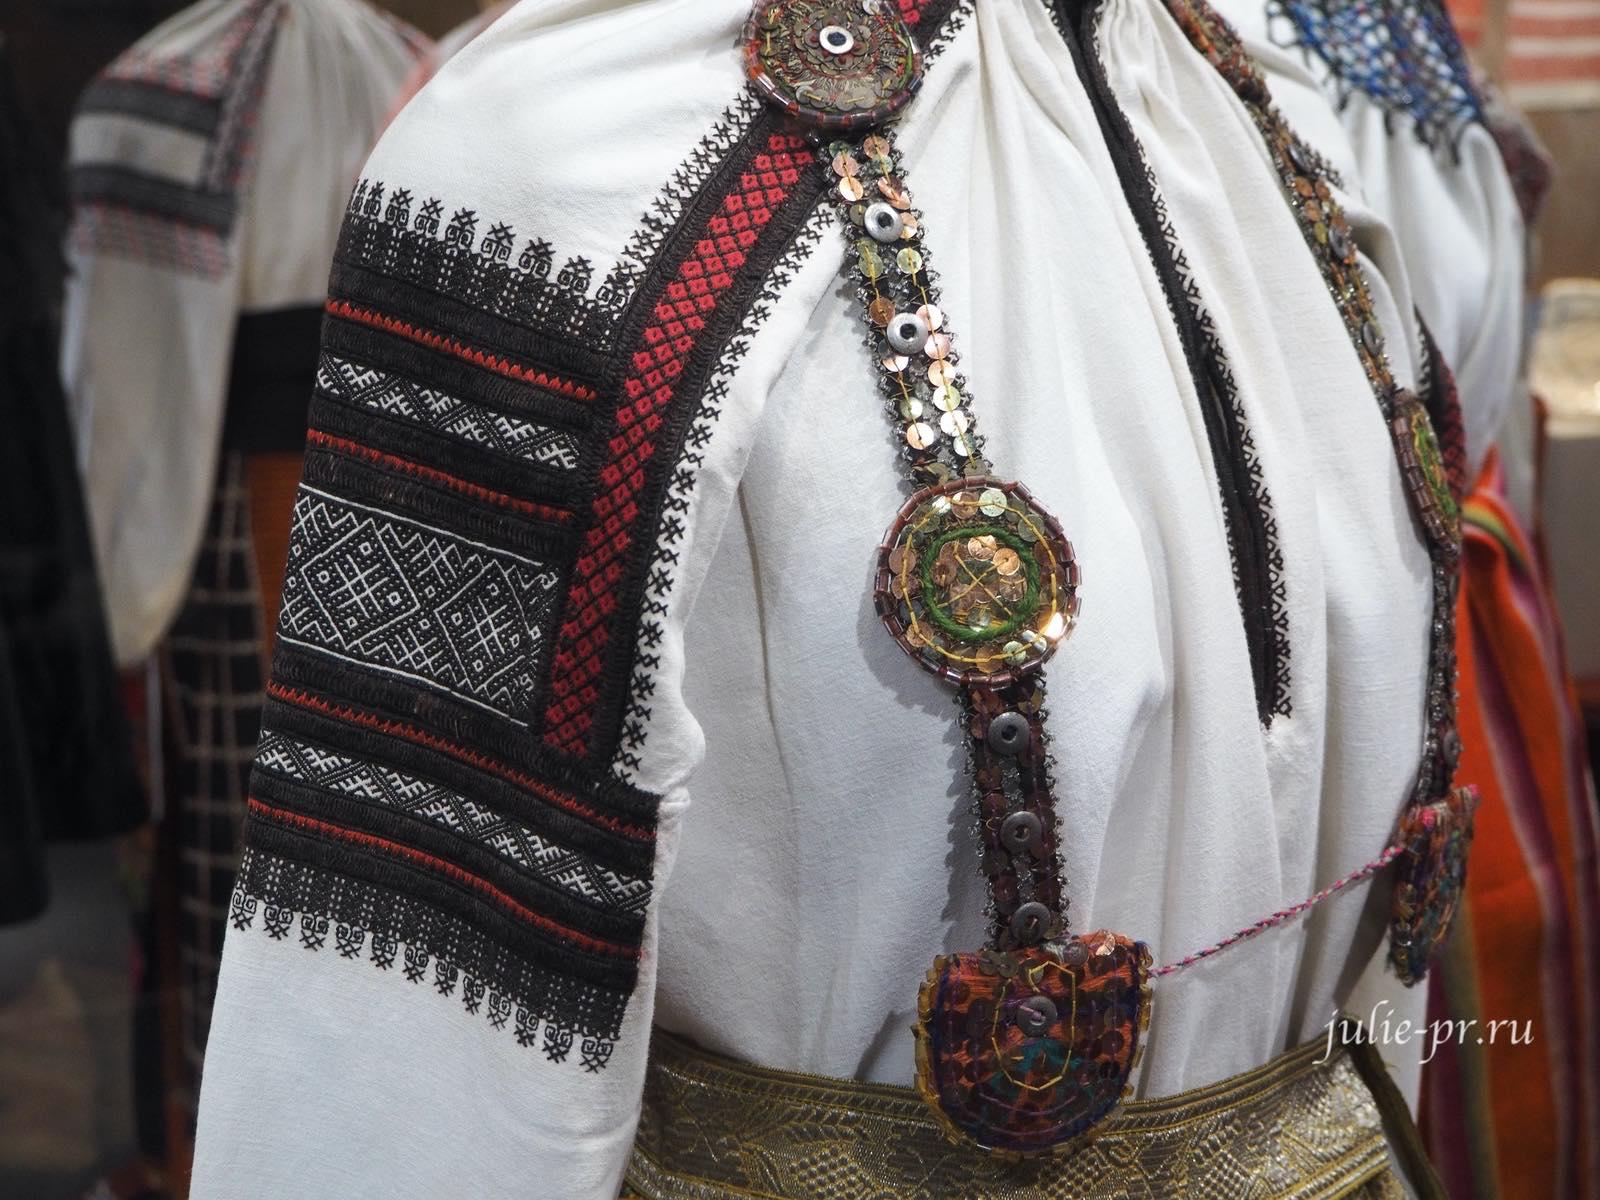 Женский народный костюм, вышивка